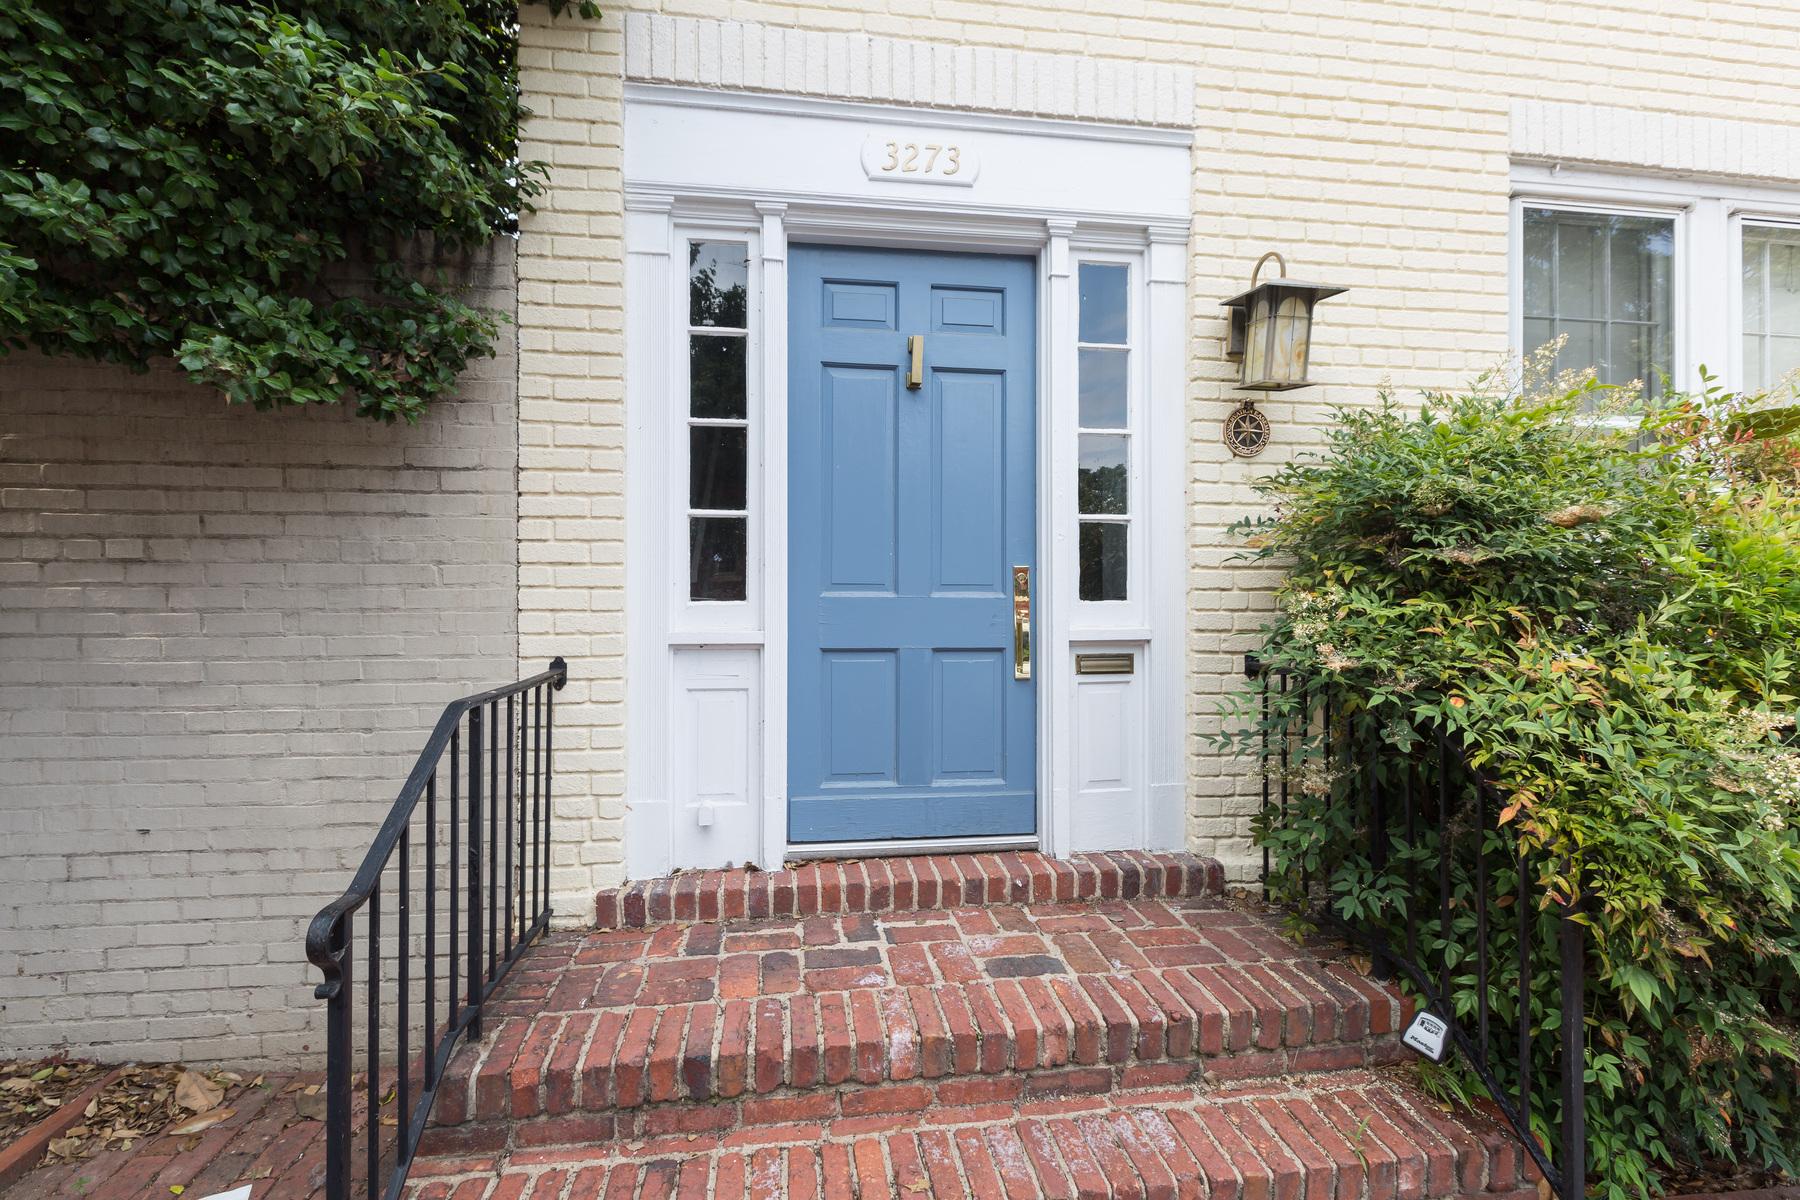 sales property at 3273 P Street Nw, Washington